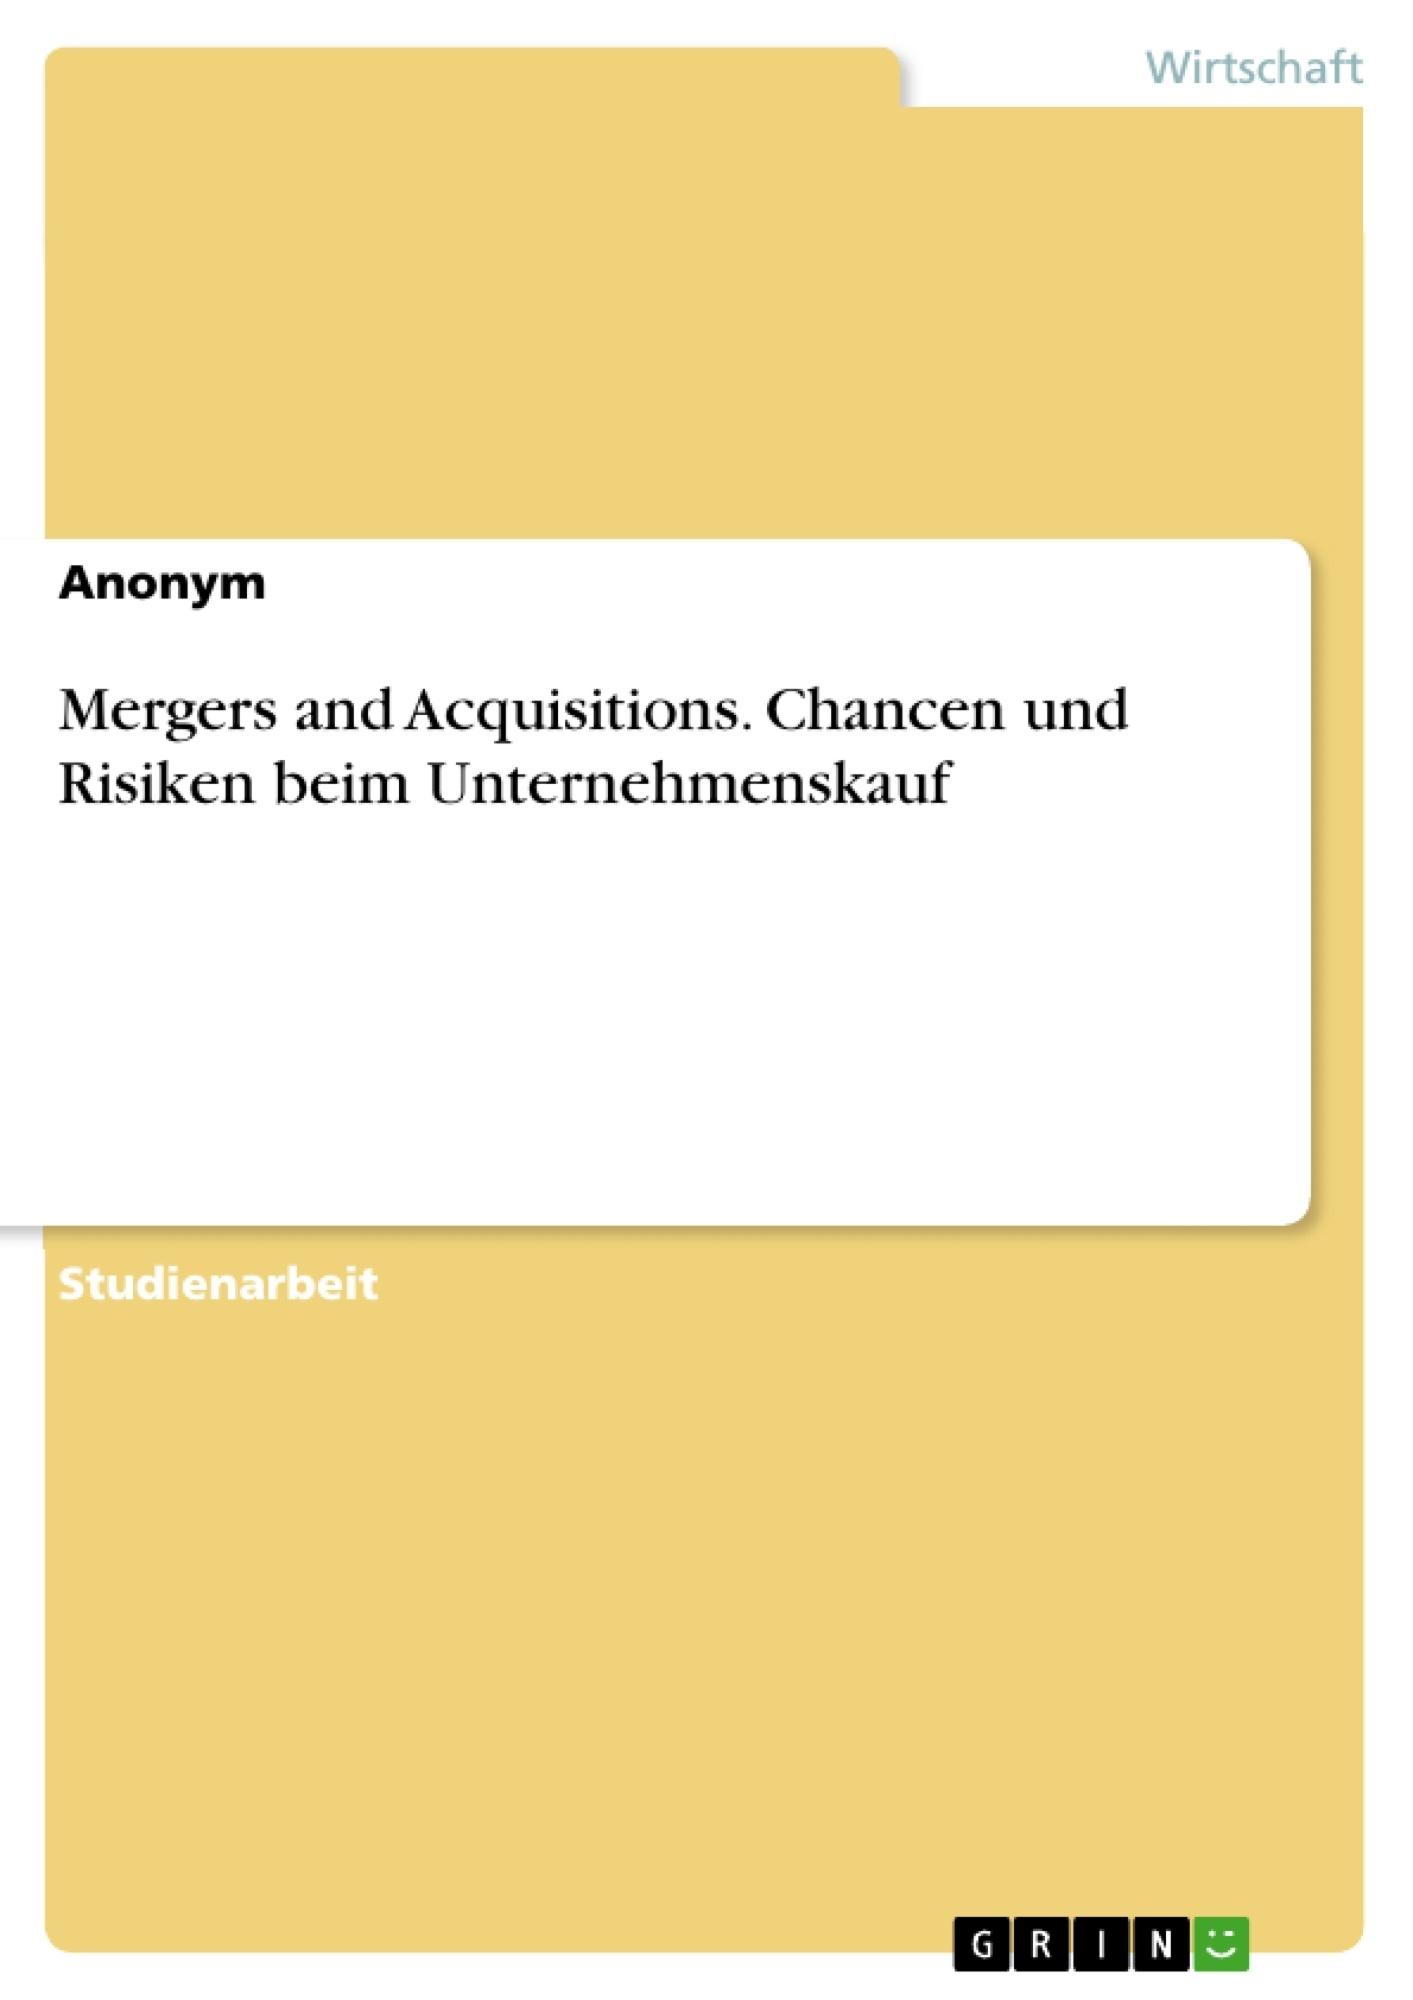 Titel: Mergers and Acquisitions. Chancen und Risiken beim Unternehmenskauf